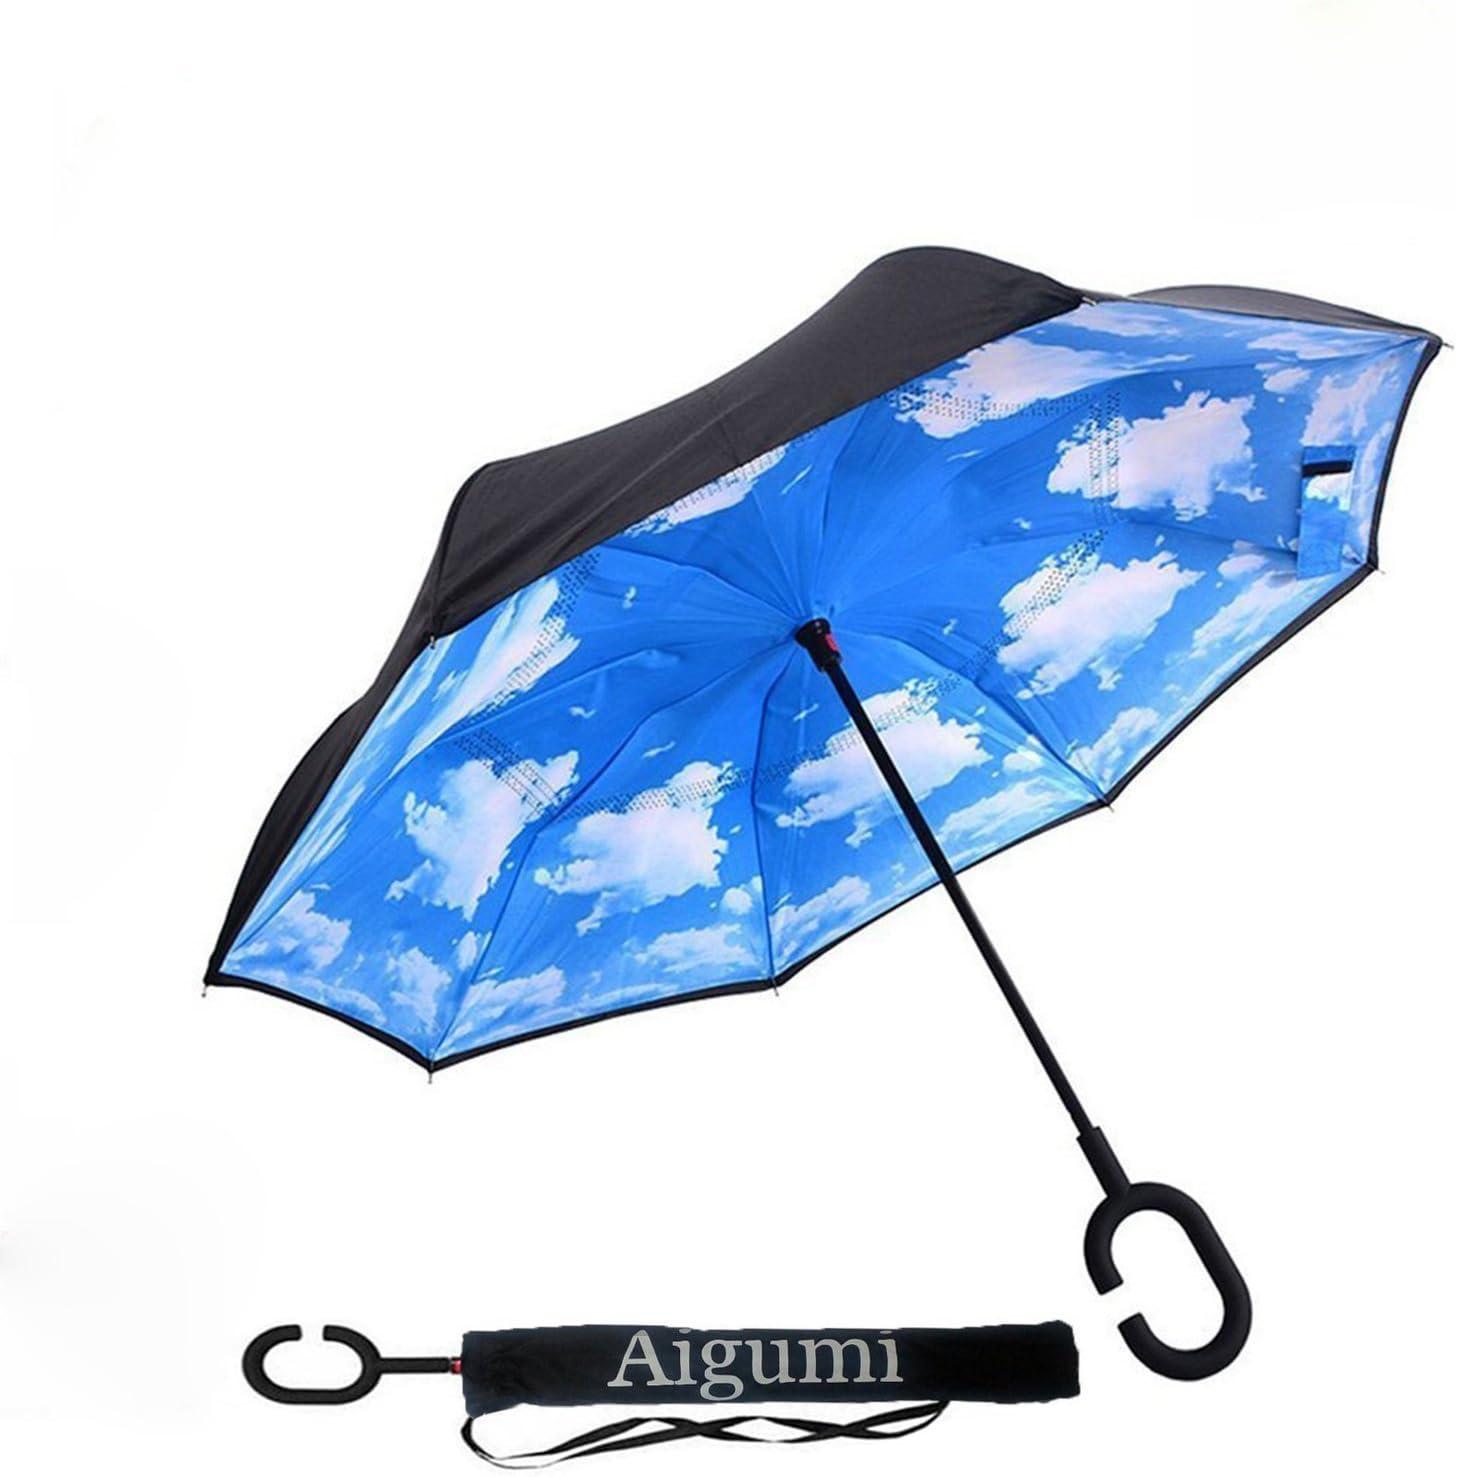 aigumi innovador paraguas a prueba de viento Reverse plegable ...